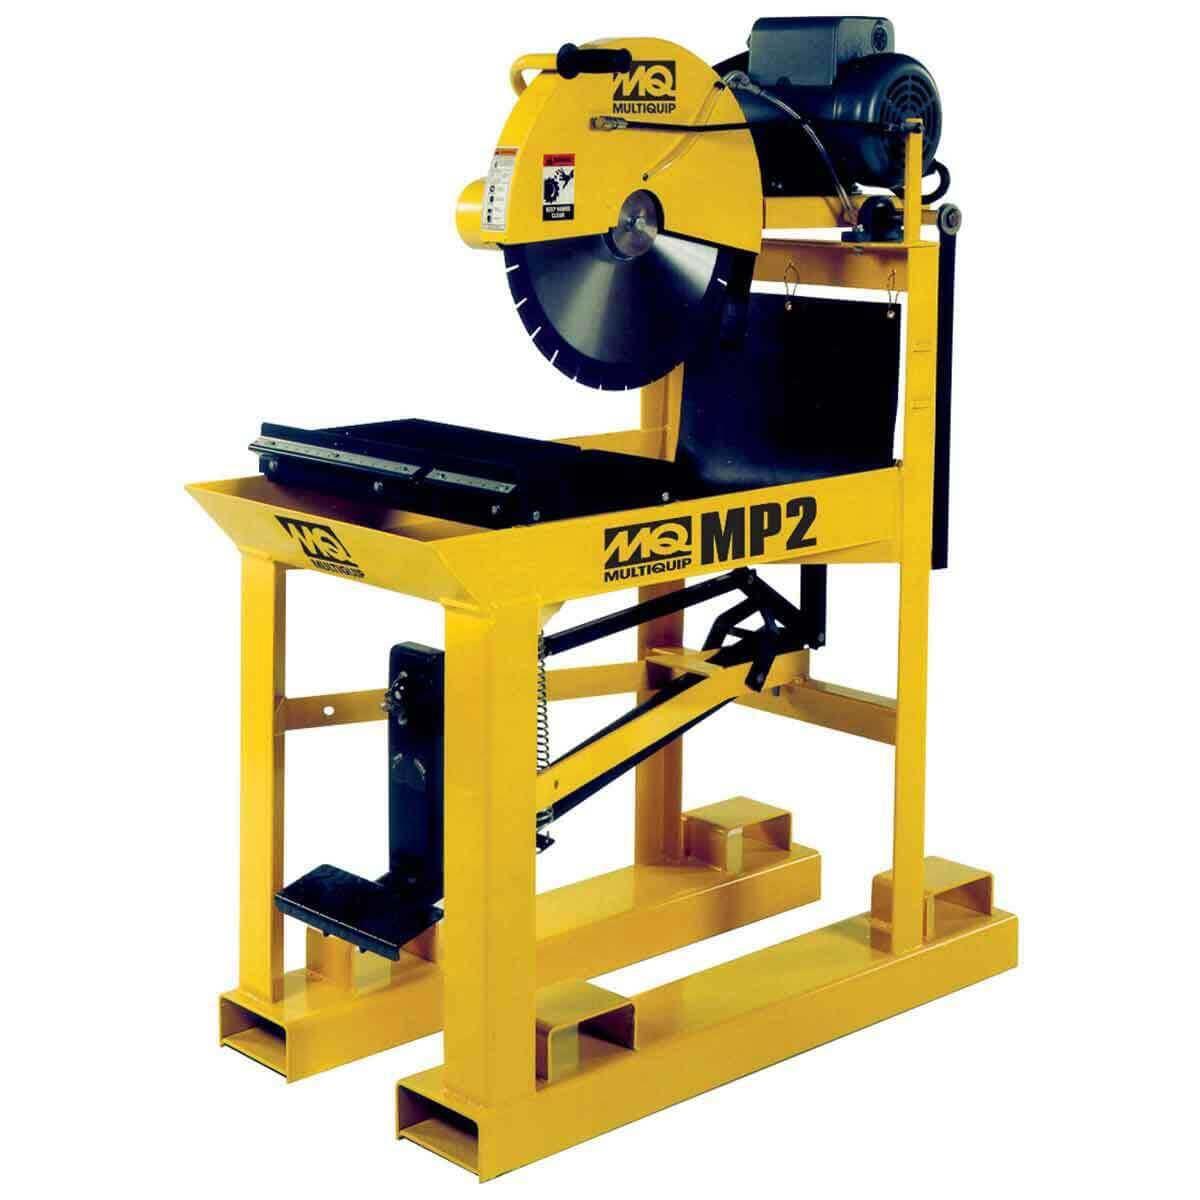 masonpro 2 multiquip 20in block saw